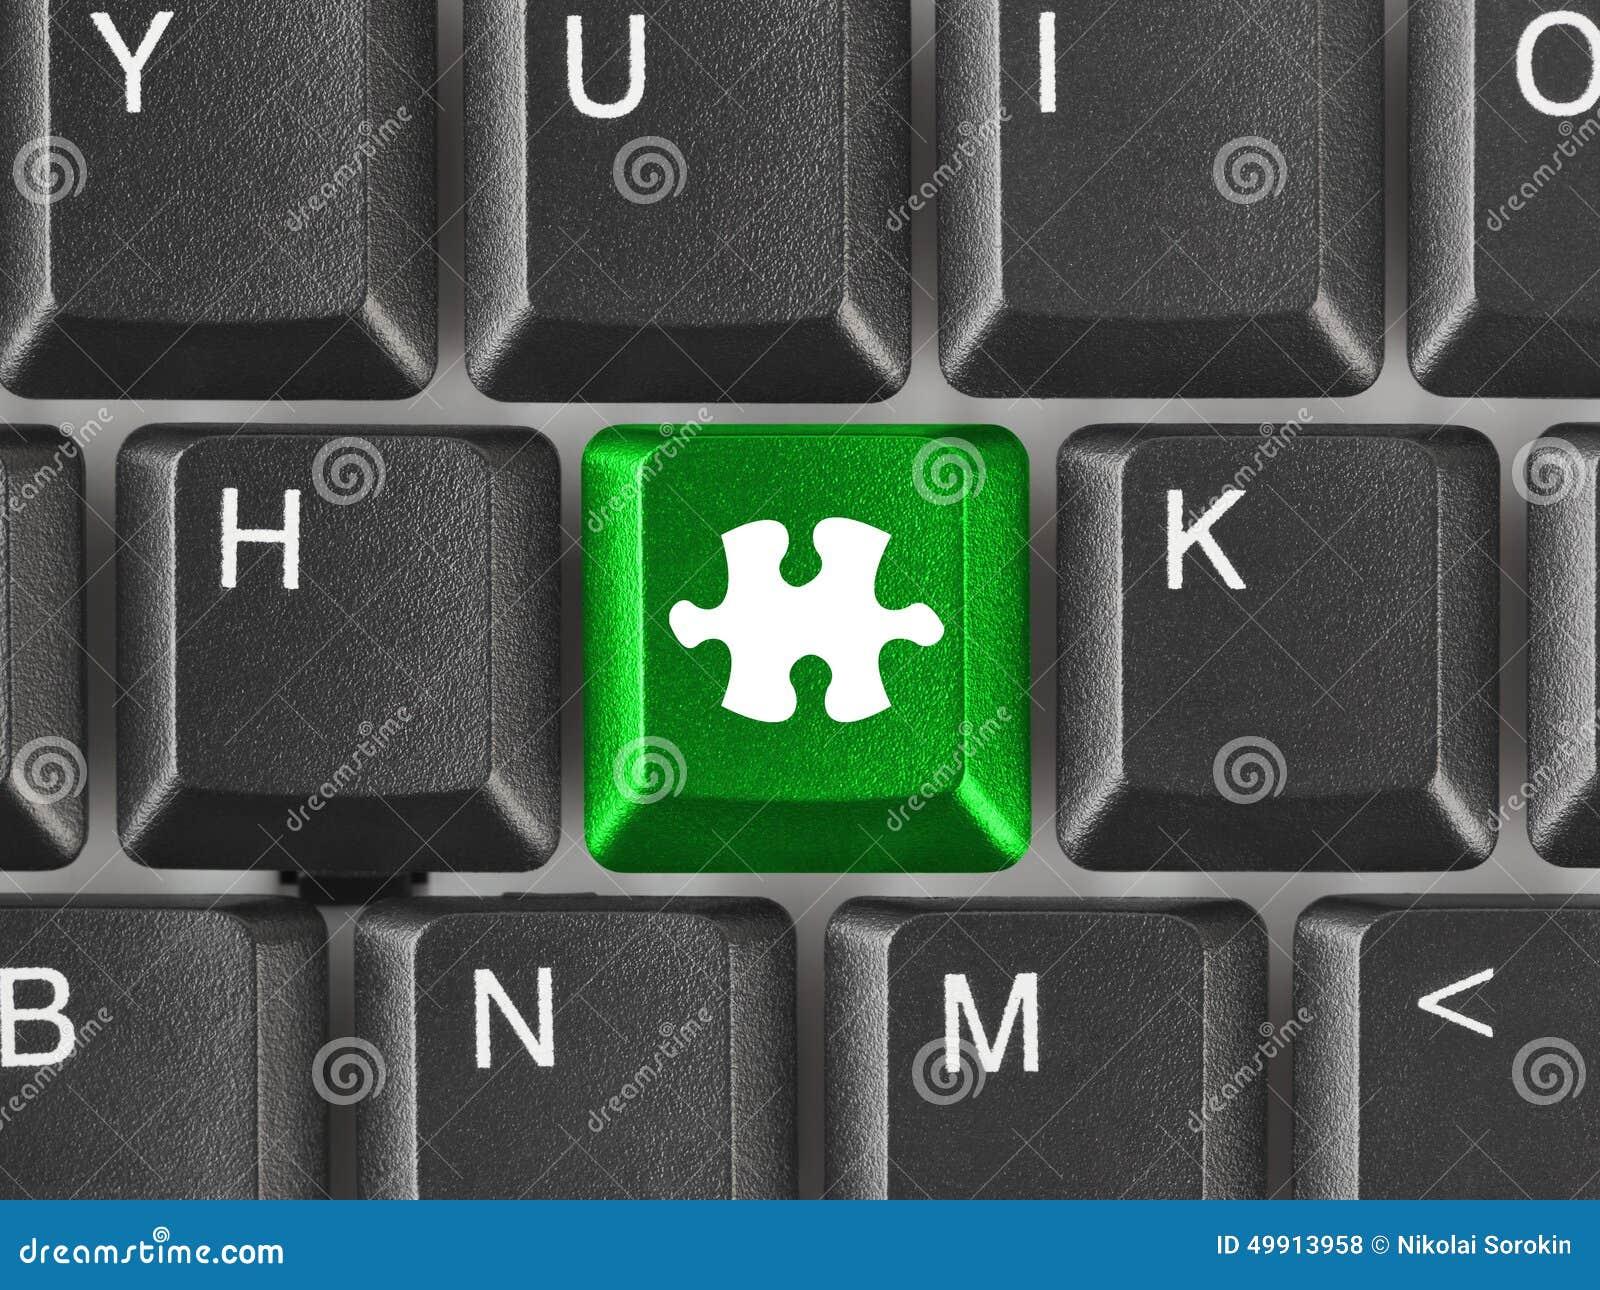 Teclado de ordenador con llave del rompecabezas foto de - Foto teclado ordenador ...